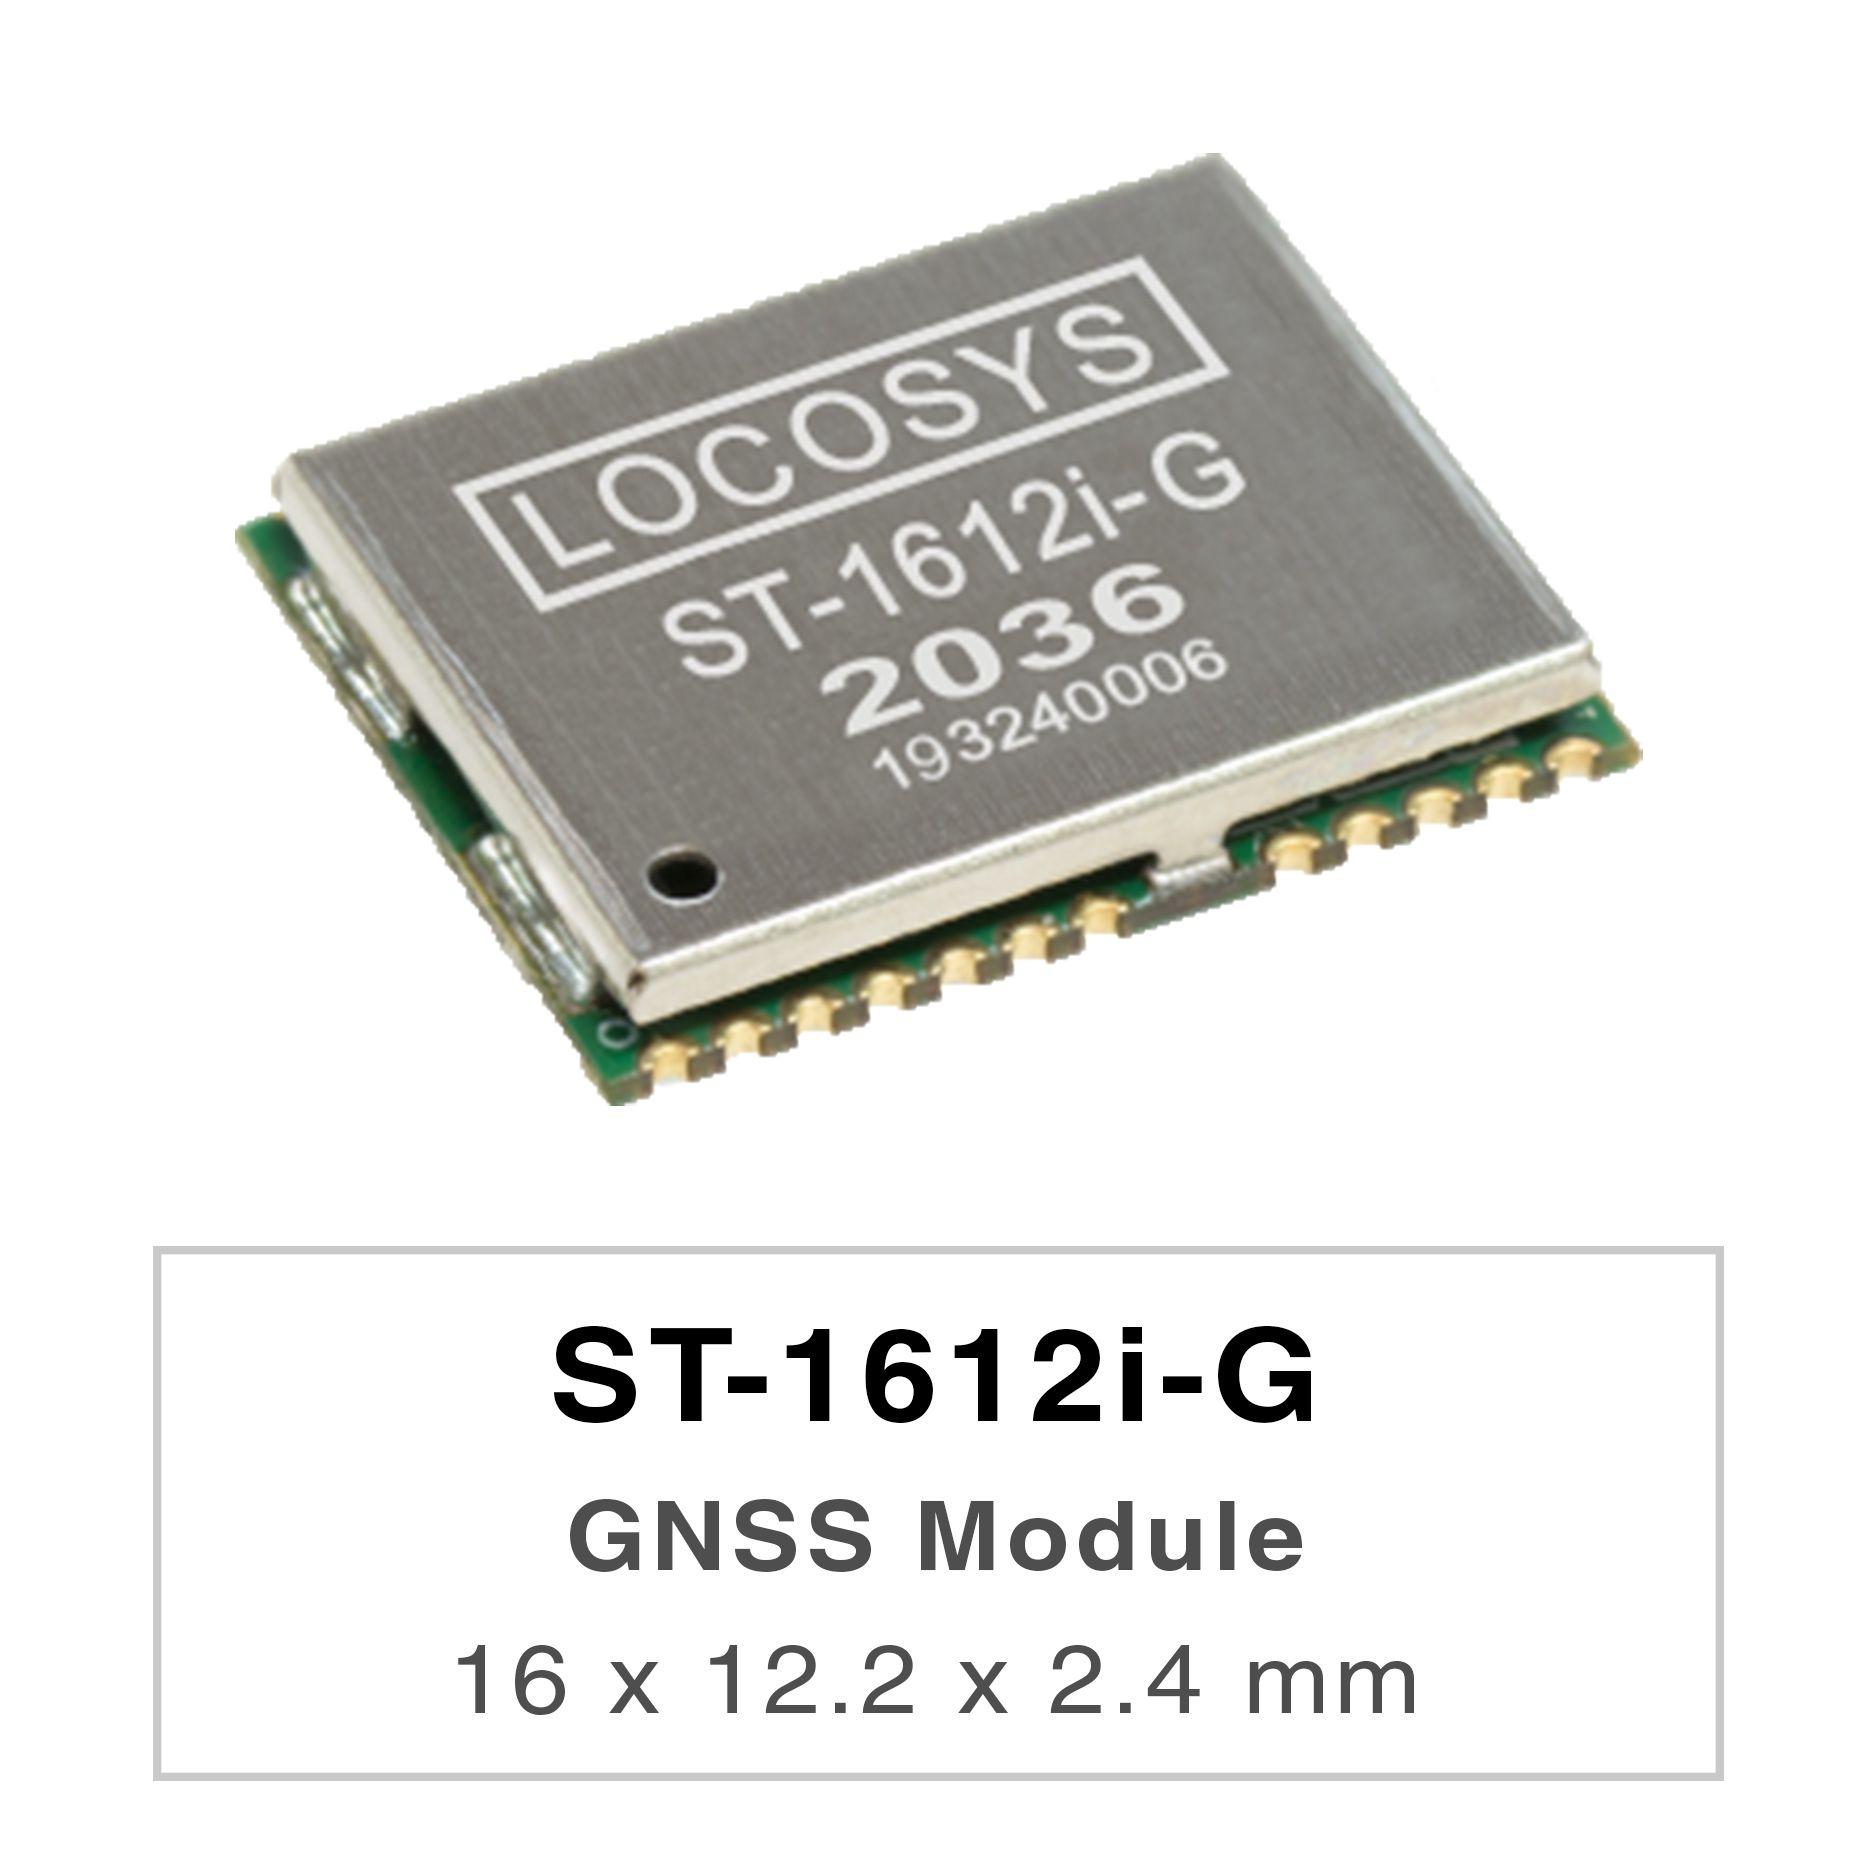 LOCOSYS ST-1612i-Gモジュールは 、GPS、GLONASS、GALILEO、QZSSを含む複数の衛星コンステレーションを同時に取得して追跡でき ます。